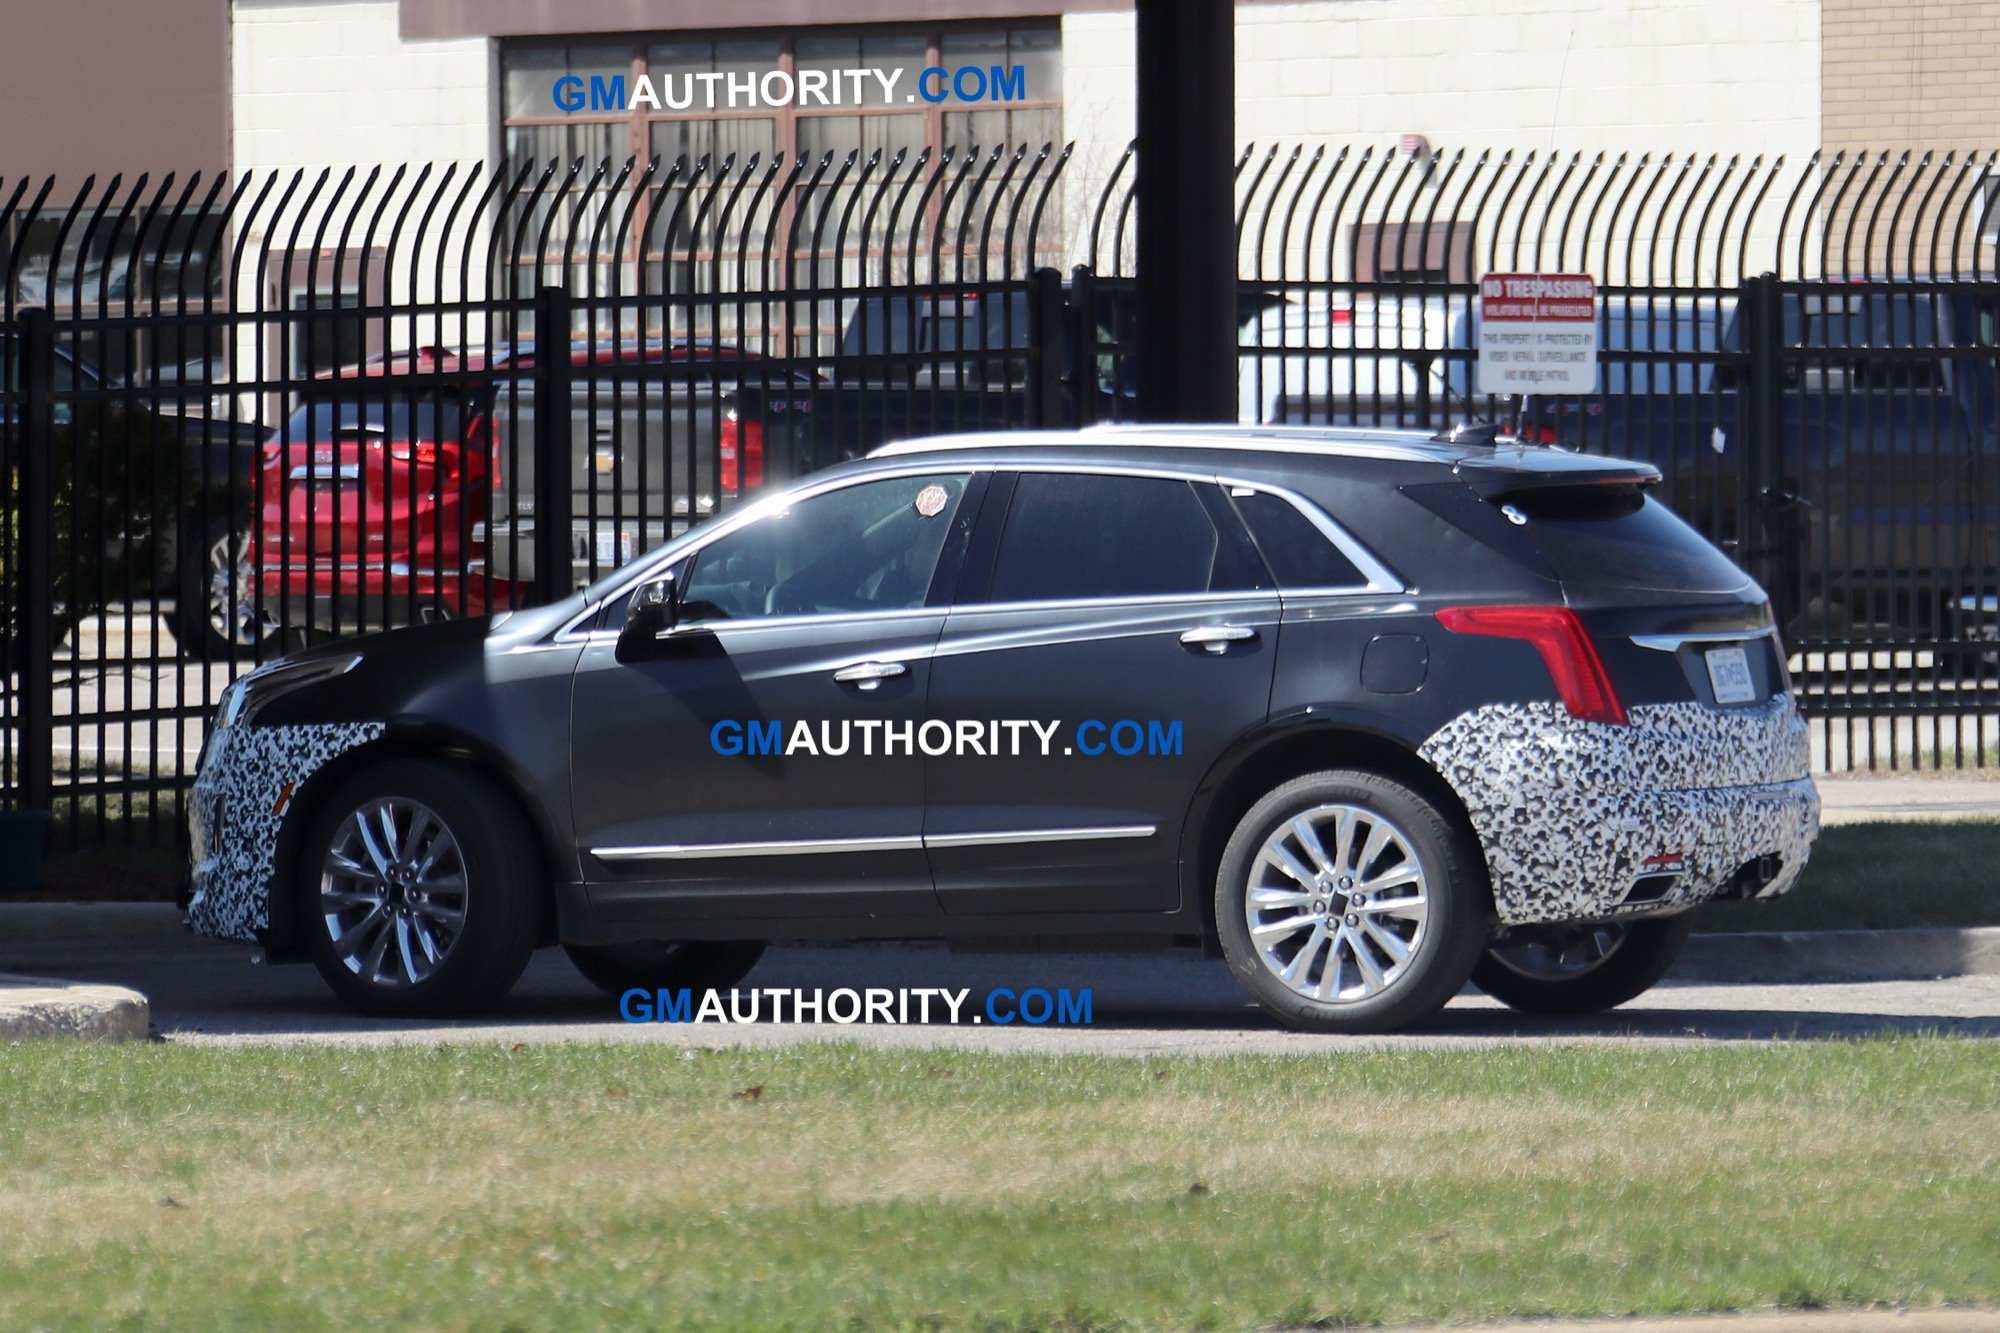 42 All New 2019 Spy Shots Cadillac Xt5 Specs by 2019 Spy Shots Cadillac Xt5